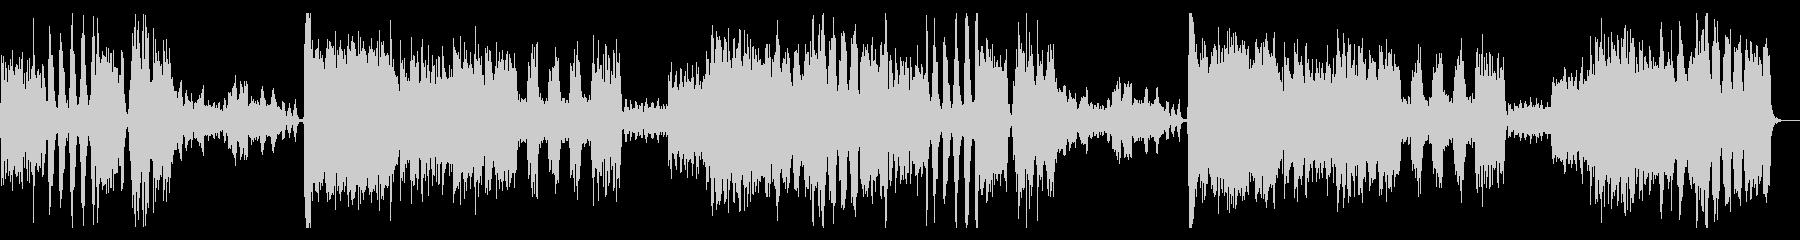 映画「アマデウス」で有名な交響曲の未再生の波形